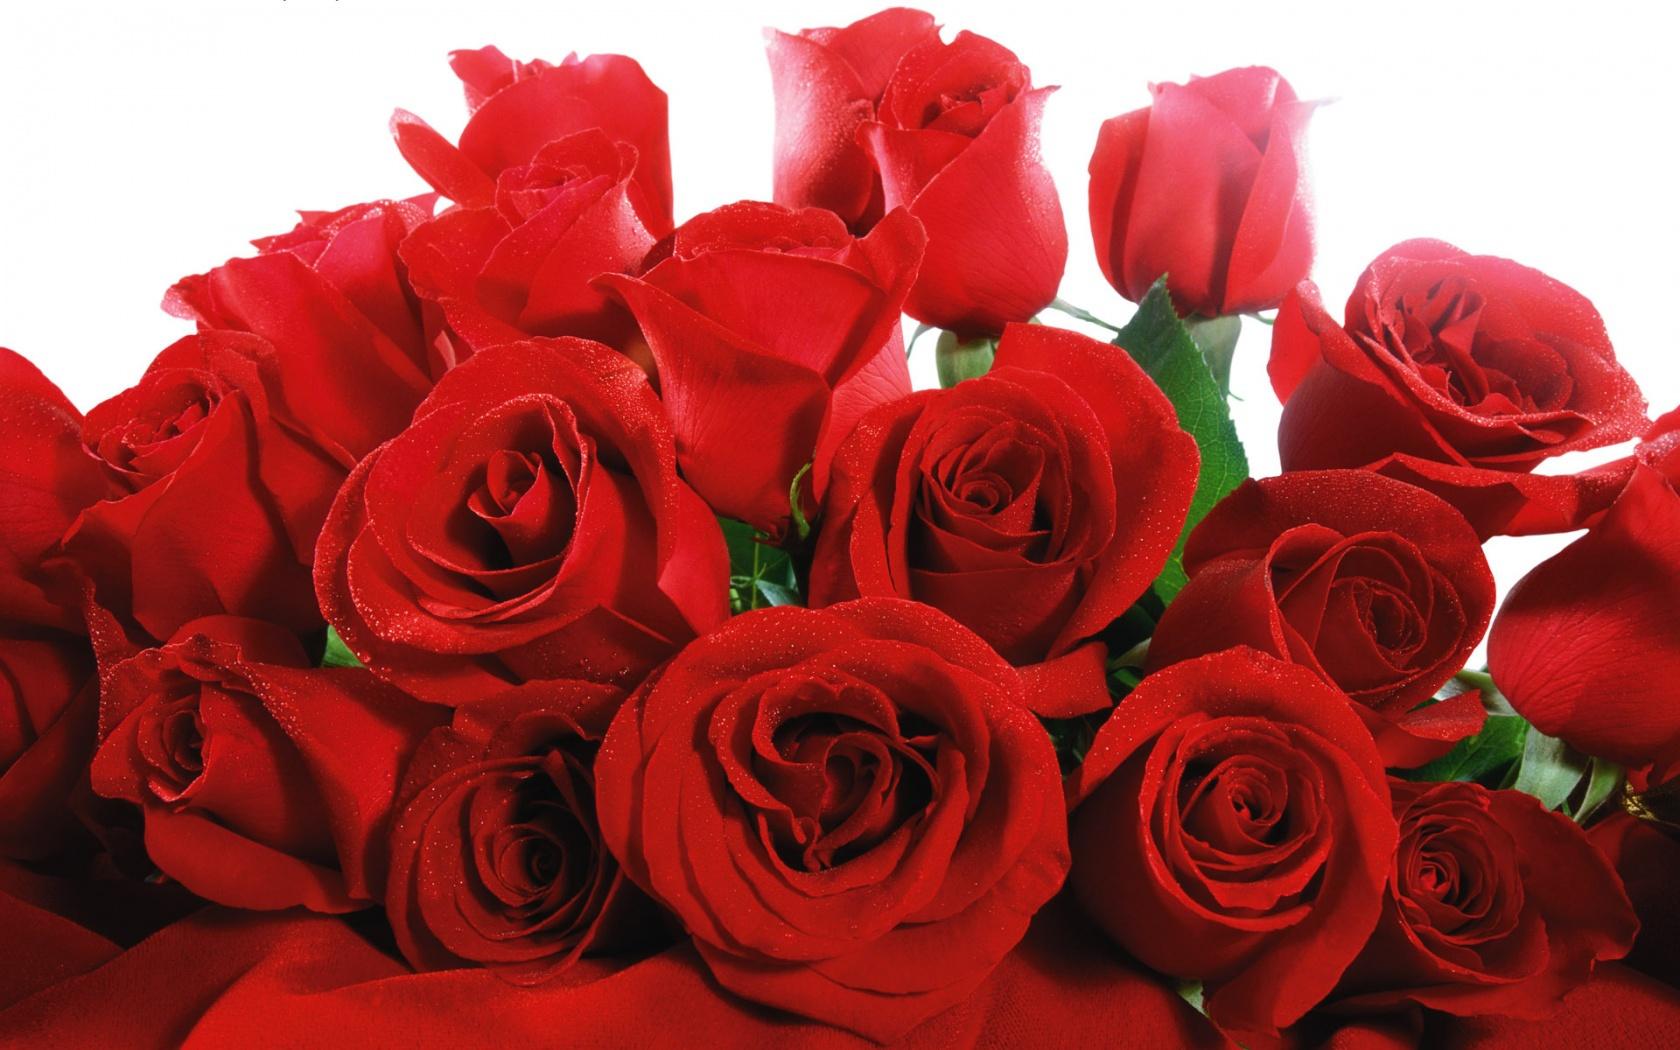 Що подарувати дівчині на день Святого Валентина, квіти